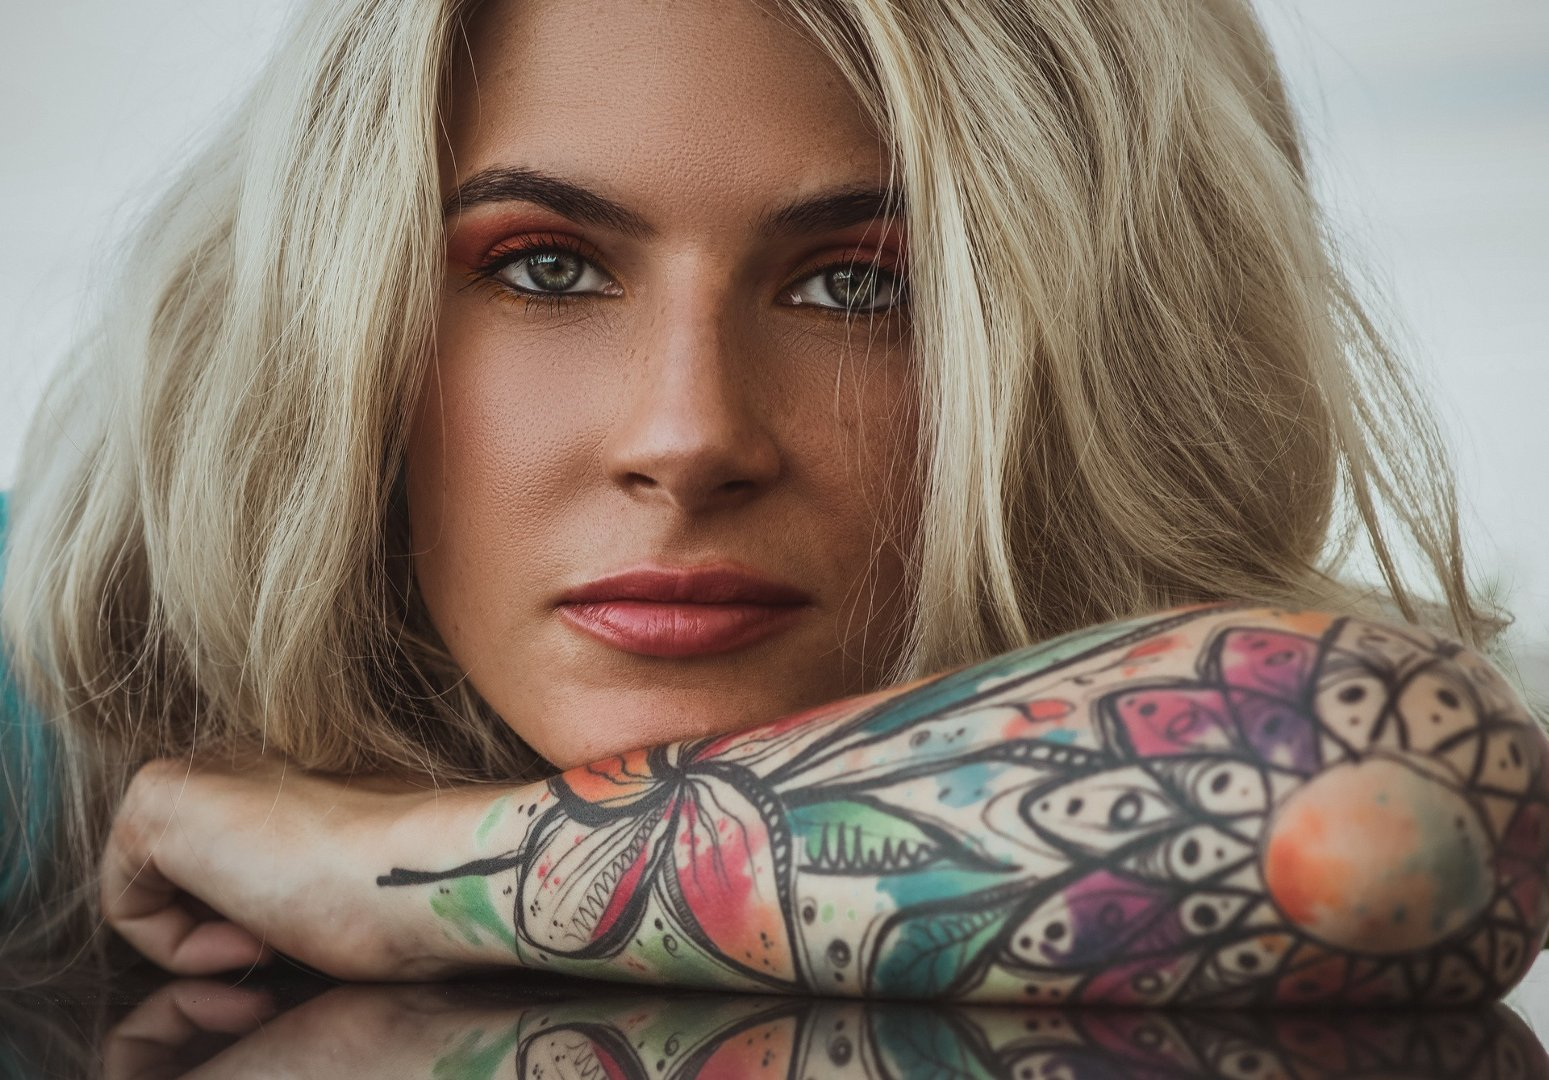 Niechciany Tatuaż Czy Można Go Usunąć Gazeta Krakowska